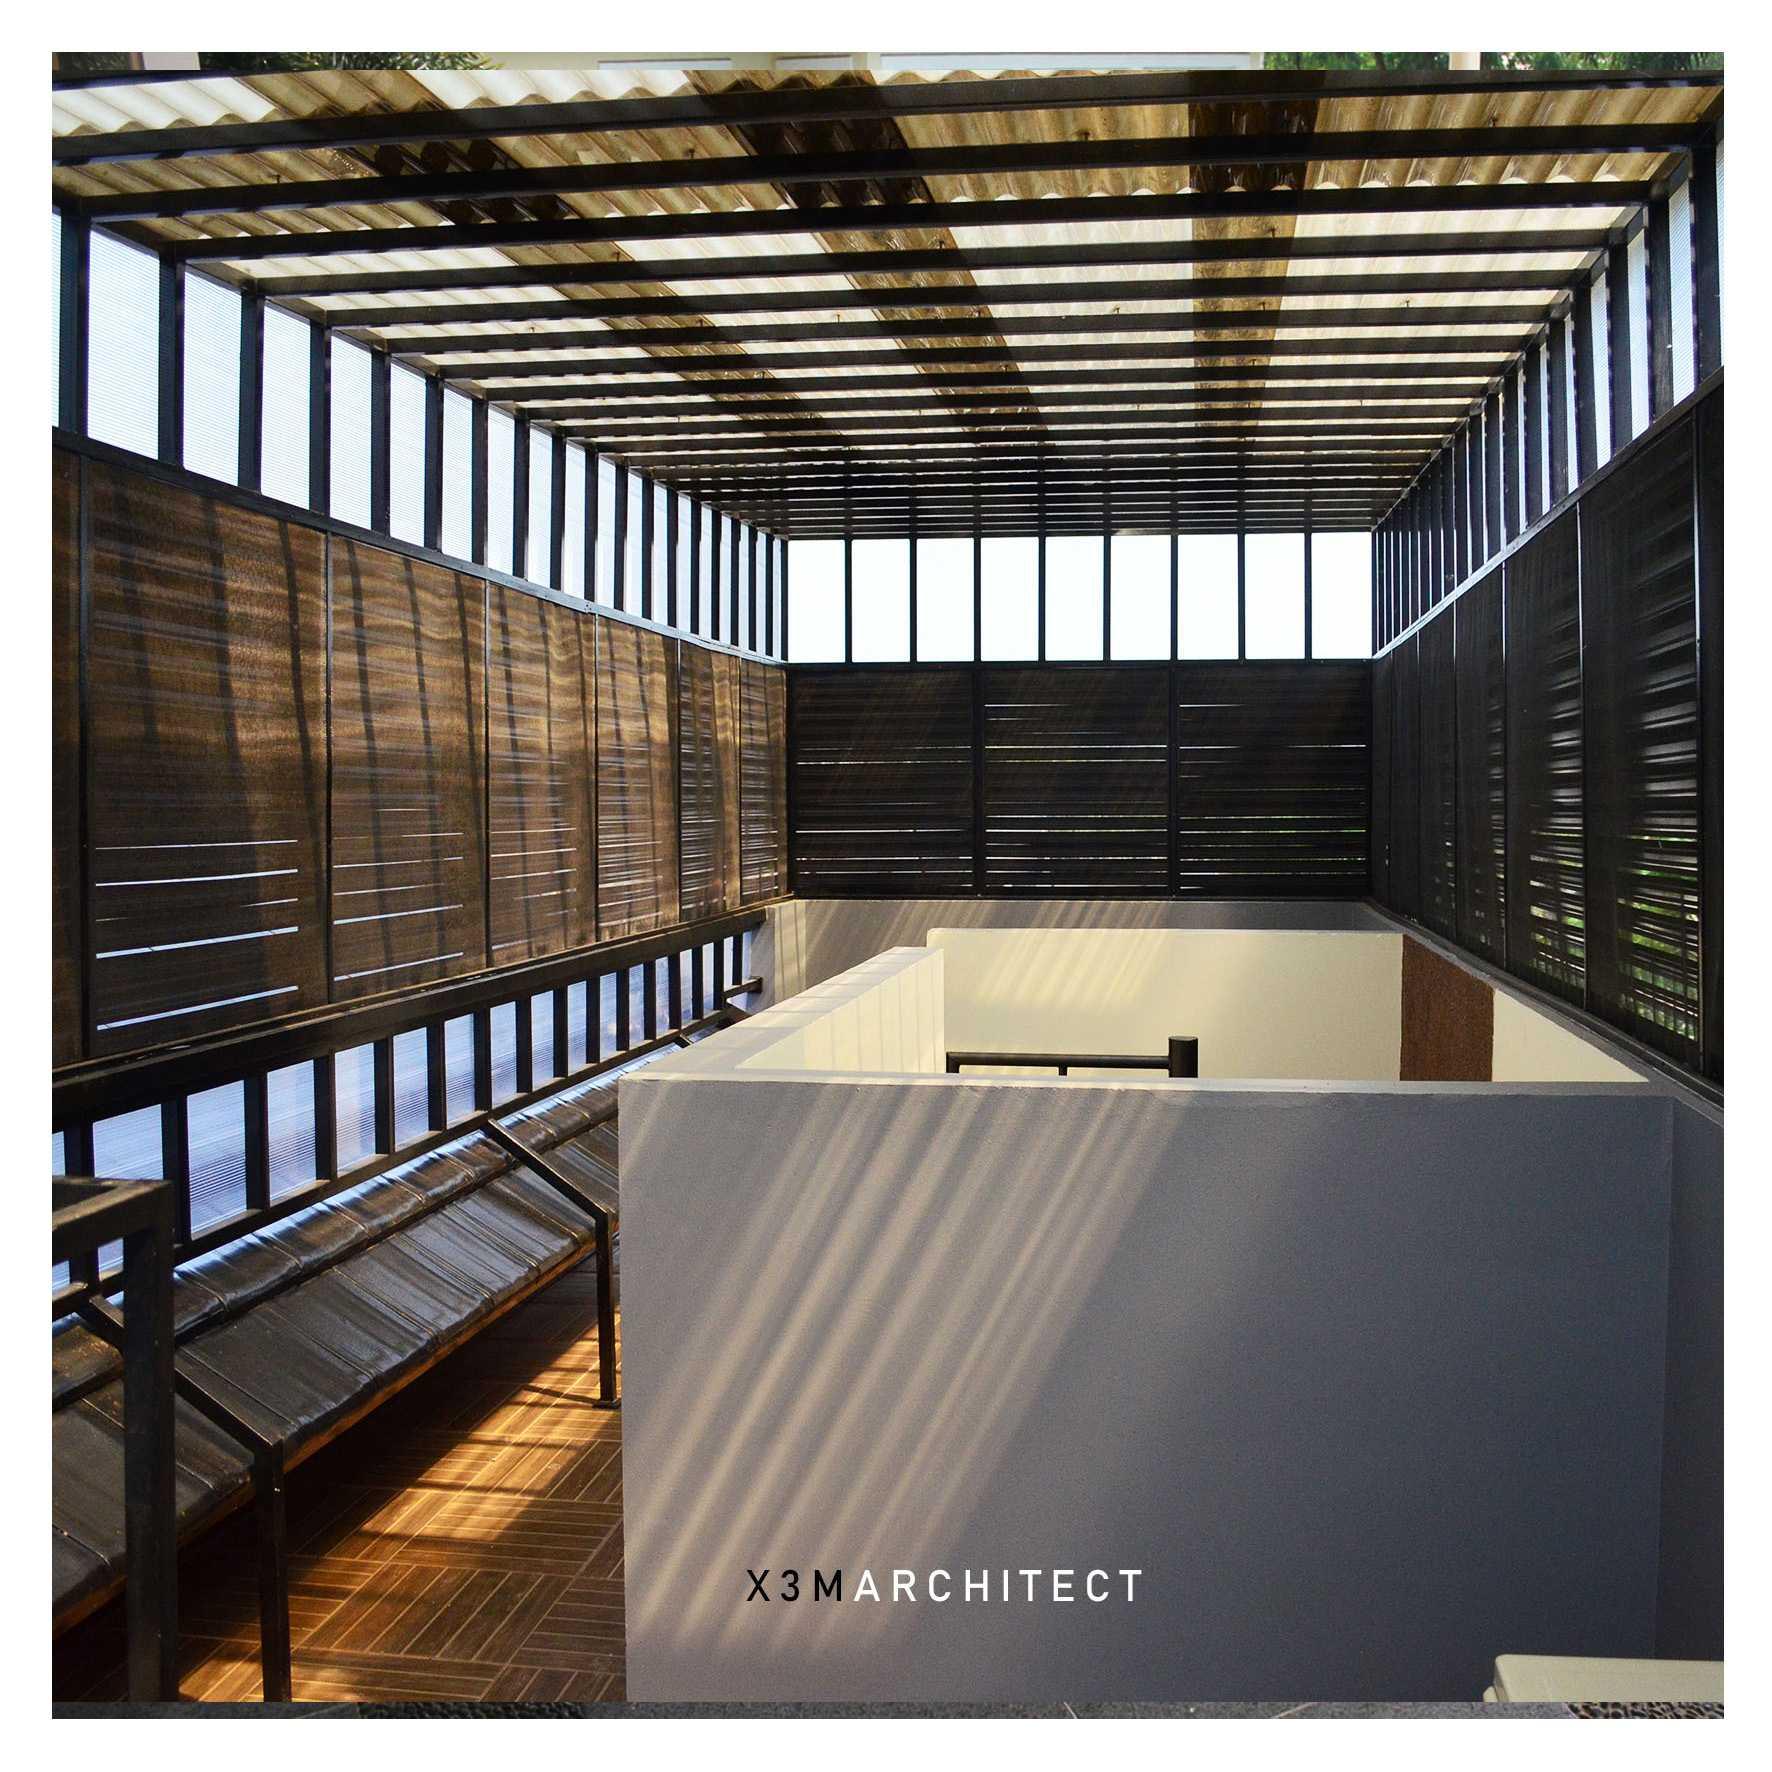 X3M Architects Nittaya A5 1 House Sampora, Kec. Cisauk, Tangerang, Banten 15345, Indonesia Sampora, Kec. Cisauk, Tangerang, Banten 15345, Indonesia X3M-Architects-Nittaya-A5-1   75974